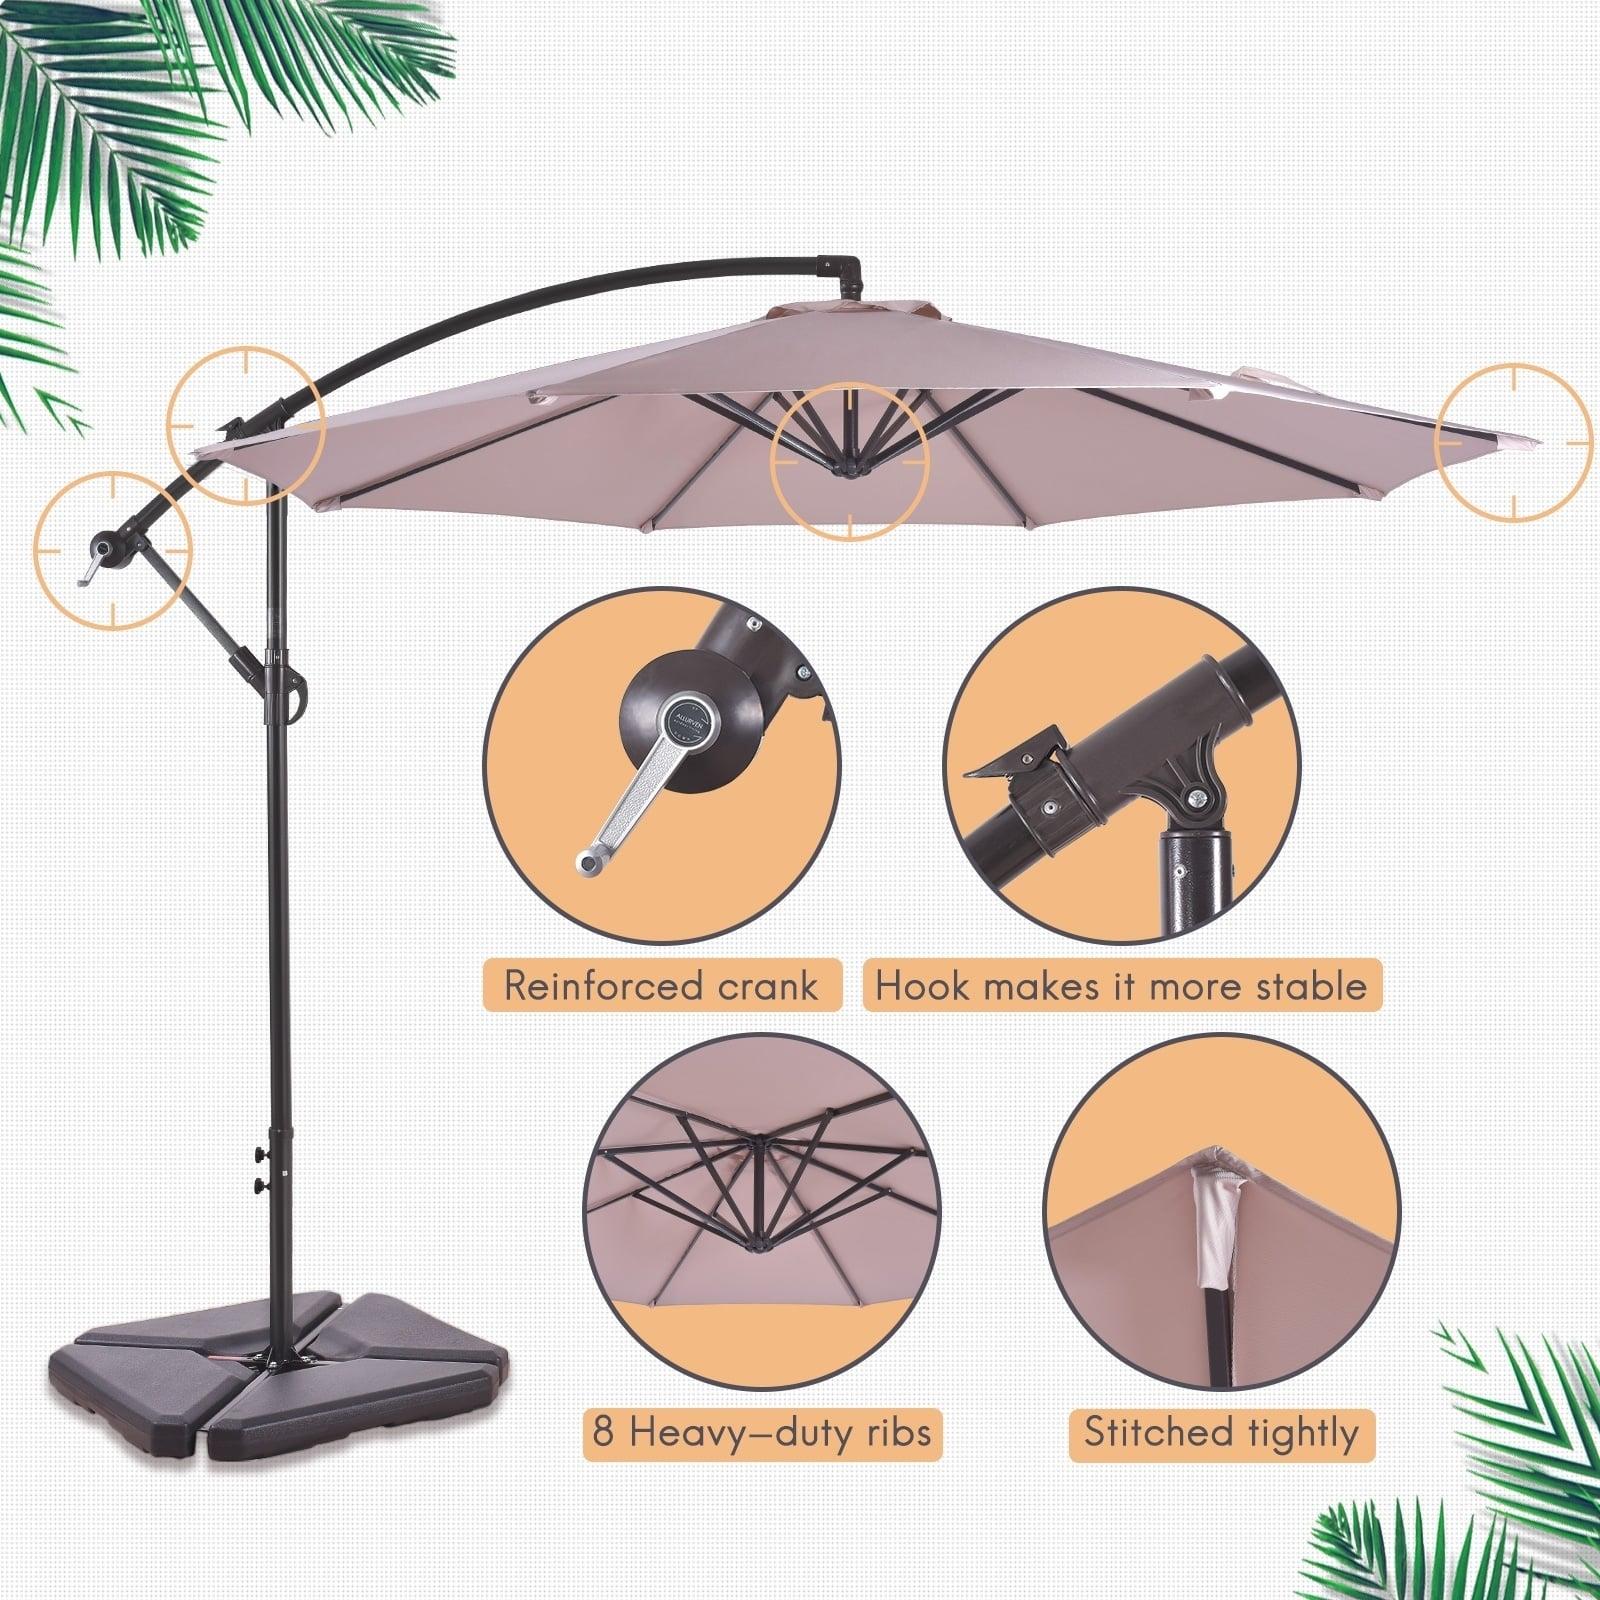 c597d5ed72c8 Weller 10 Ft Offset Cantilever Hanging Patio Umbrella - Walmart.com